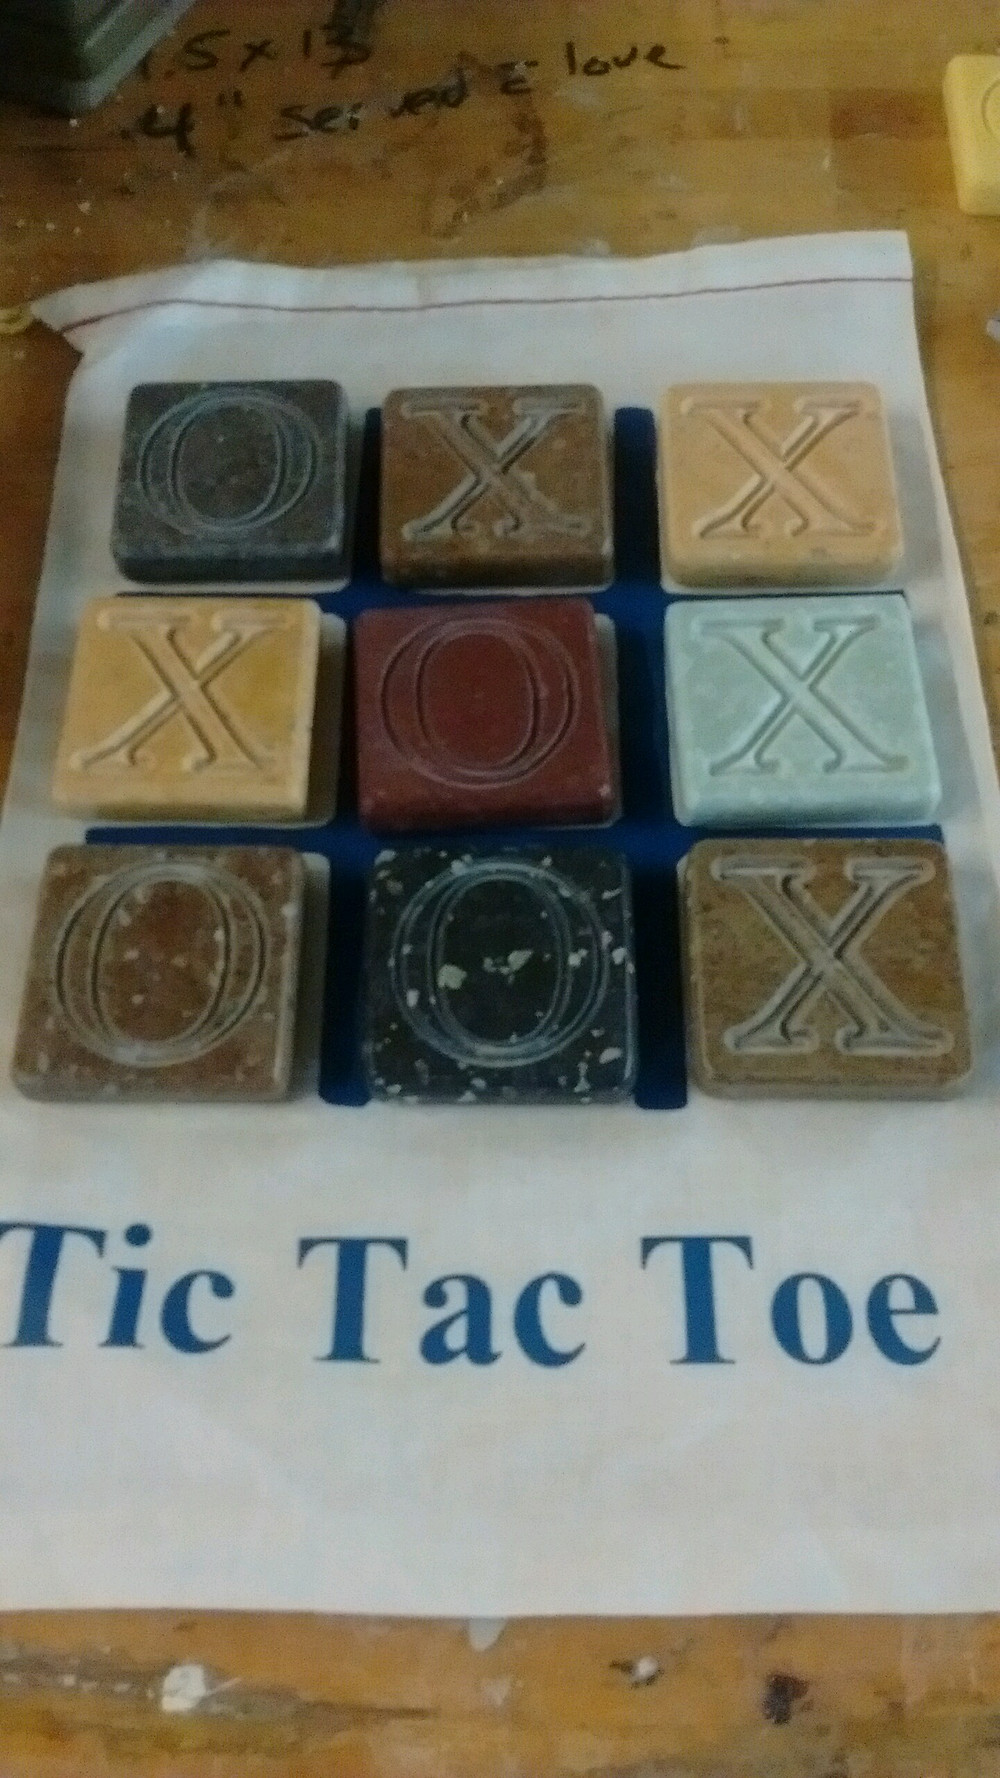 Tic Tac Toe engraved tiles/bag with heat transfer vinyl on U-Line hardware bag